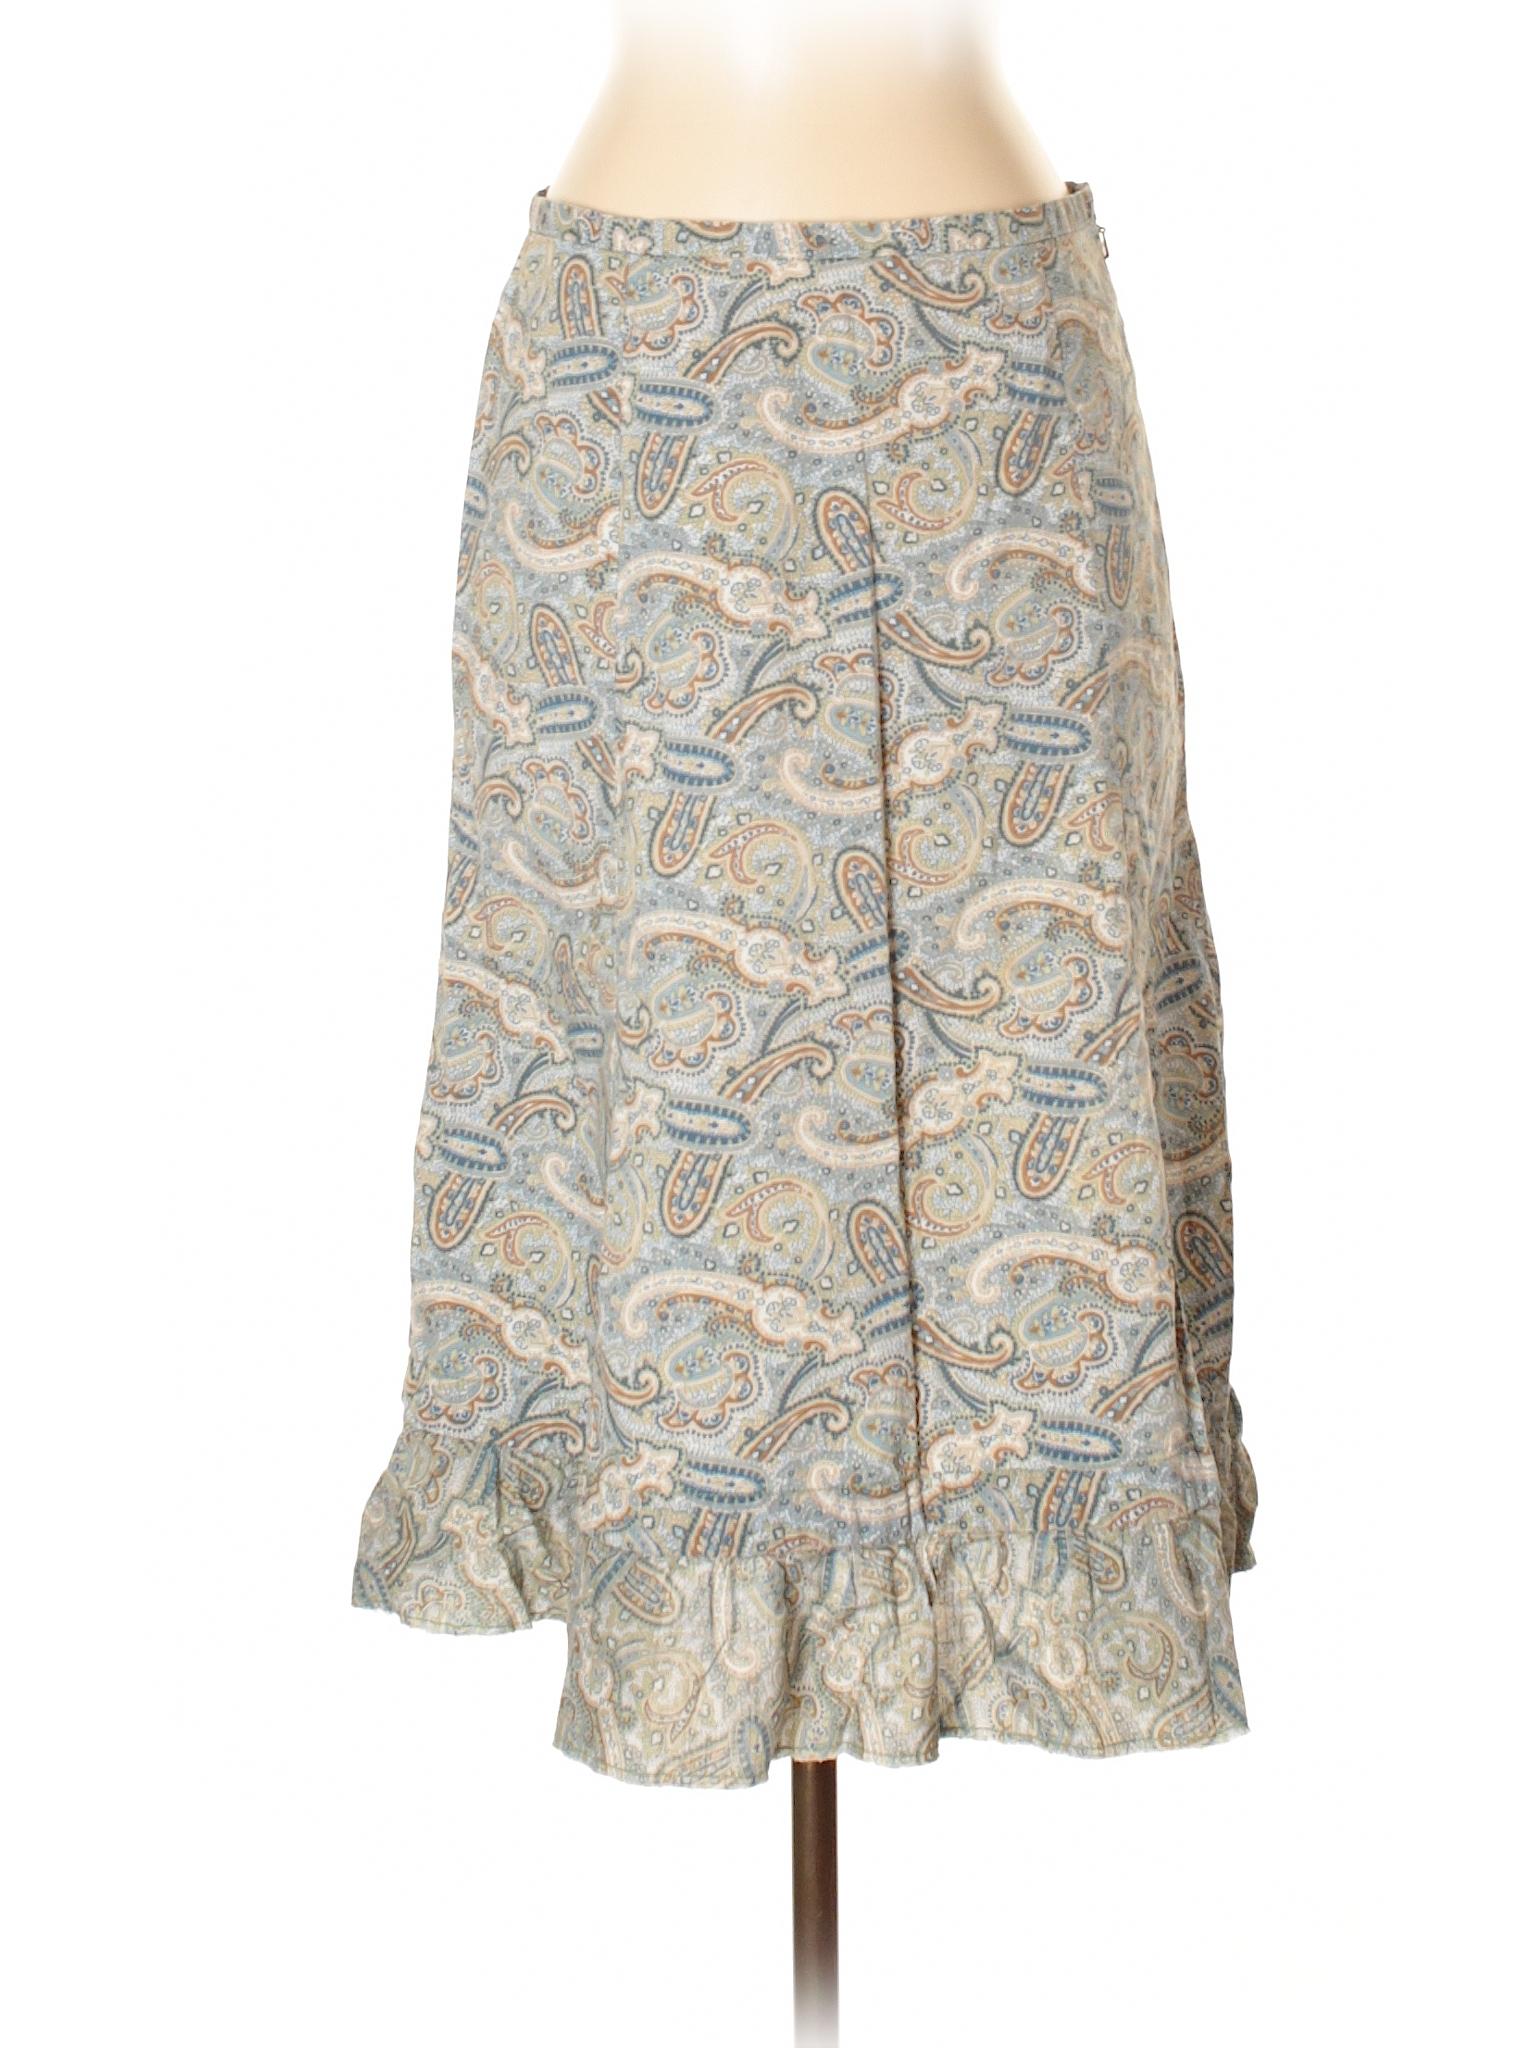 Casual Gap leisure Skirt Boutique leisure Boutique qxzTI7